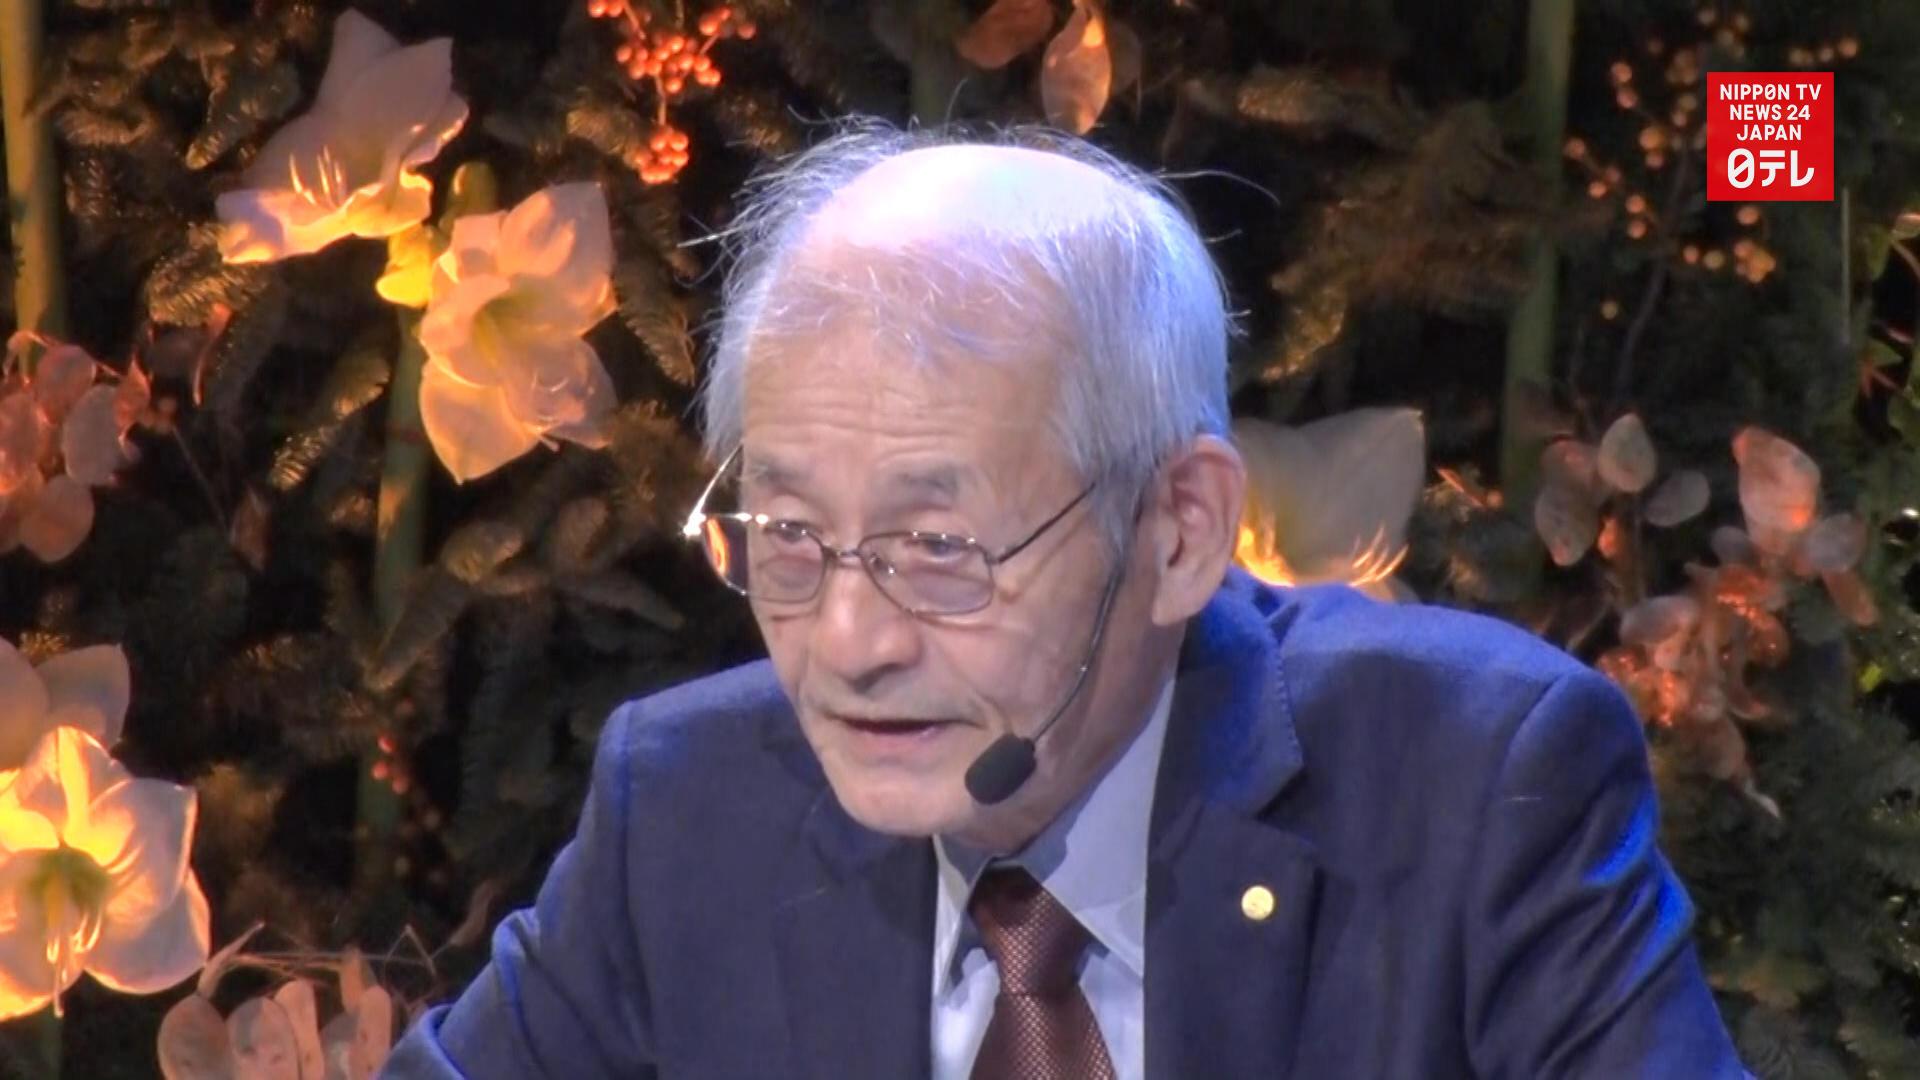 Japanese chemist Yoshino gives Nobel lecture